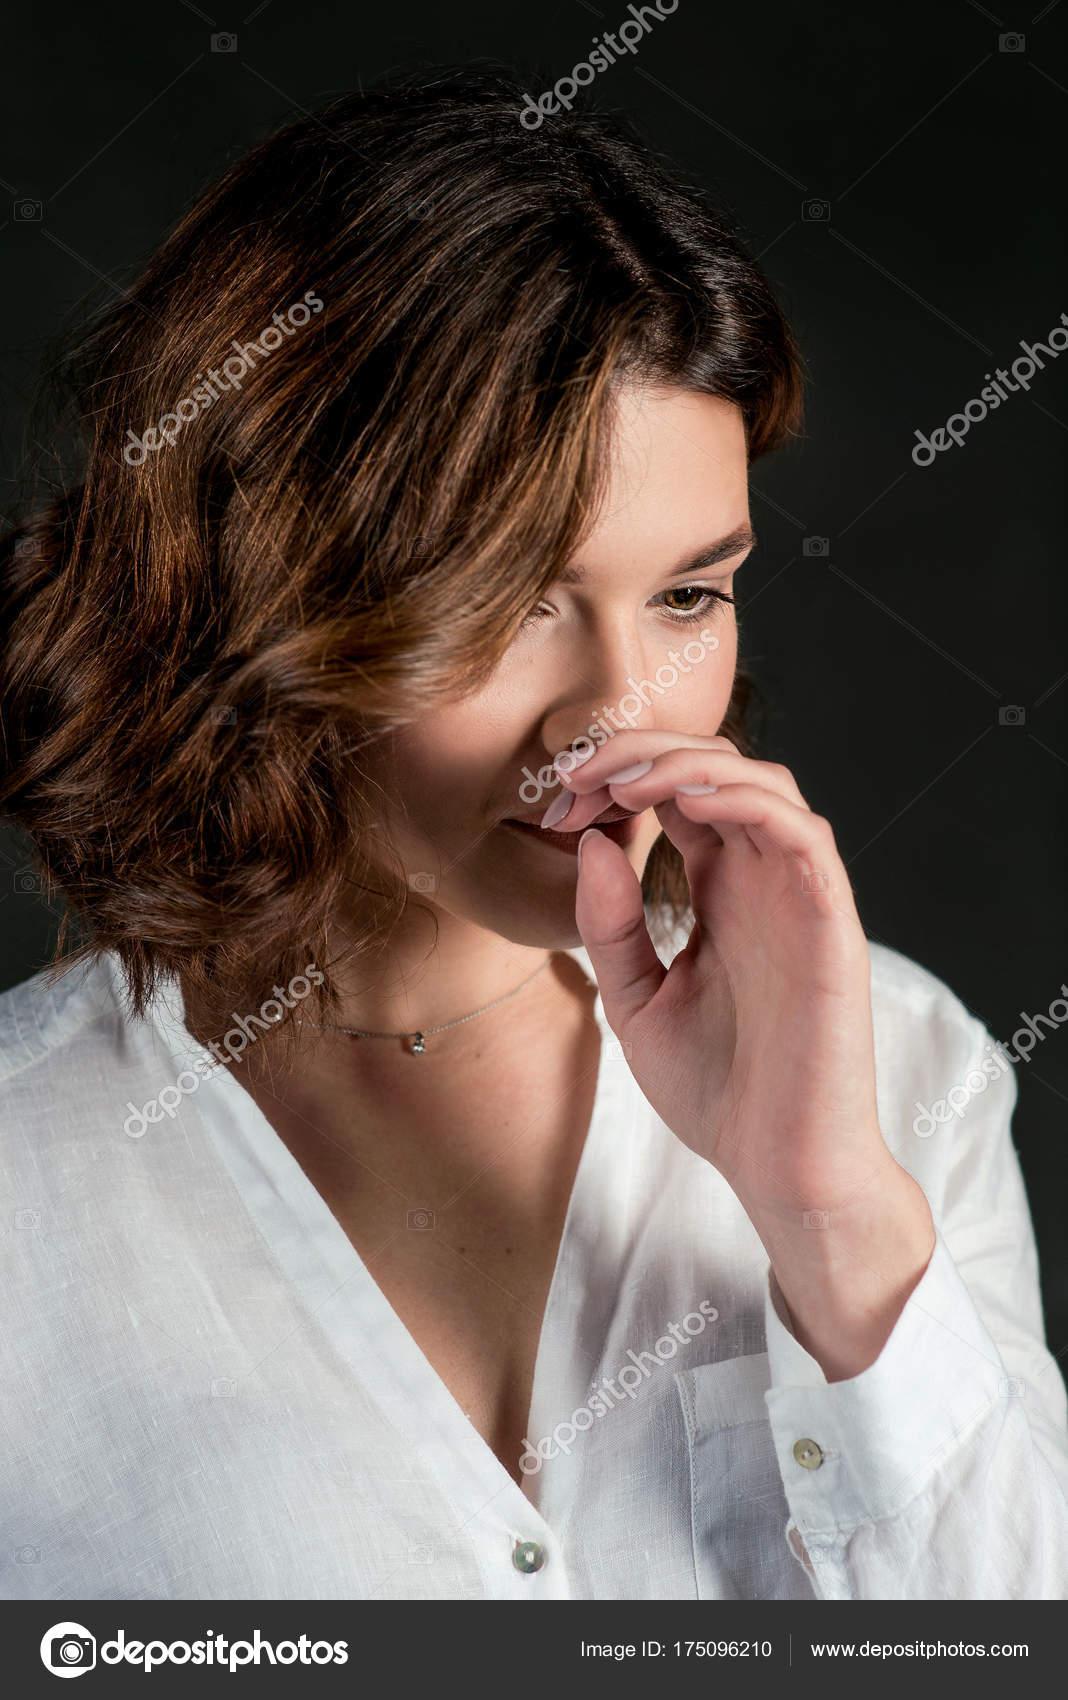 Portraite Der Jungen Schönen Traurige Frau Schauspielerin Mit Kurzen